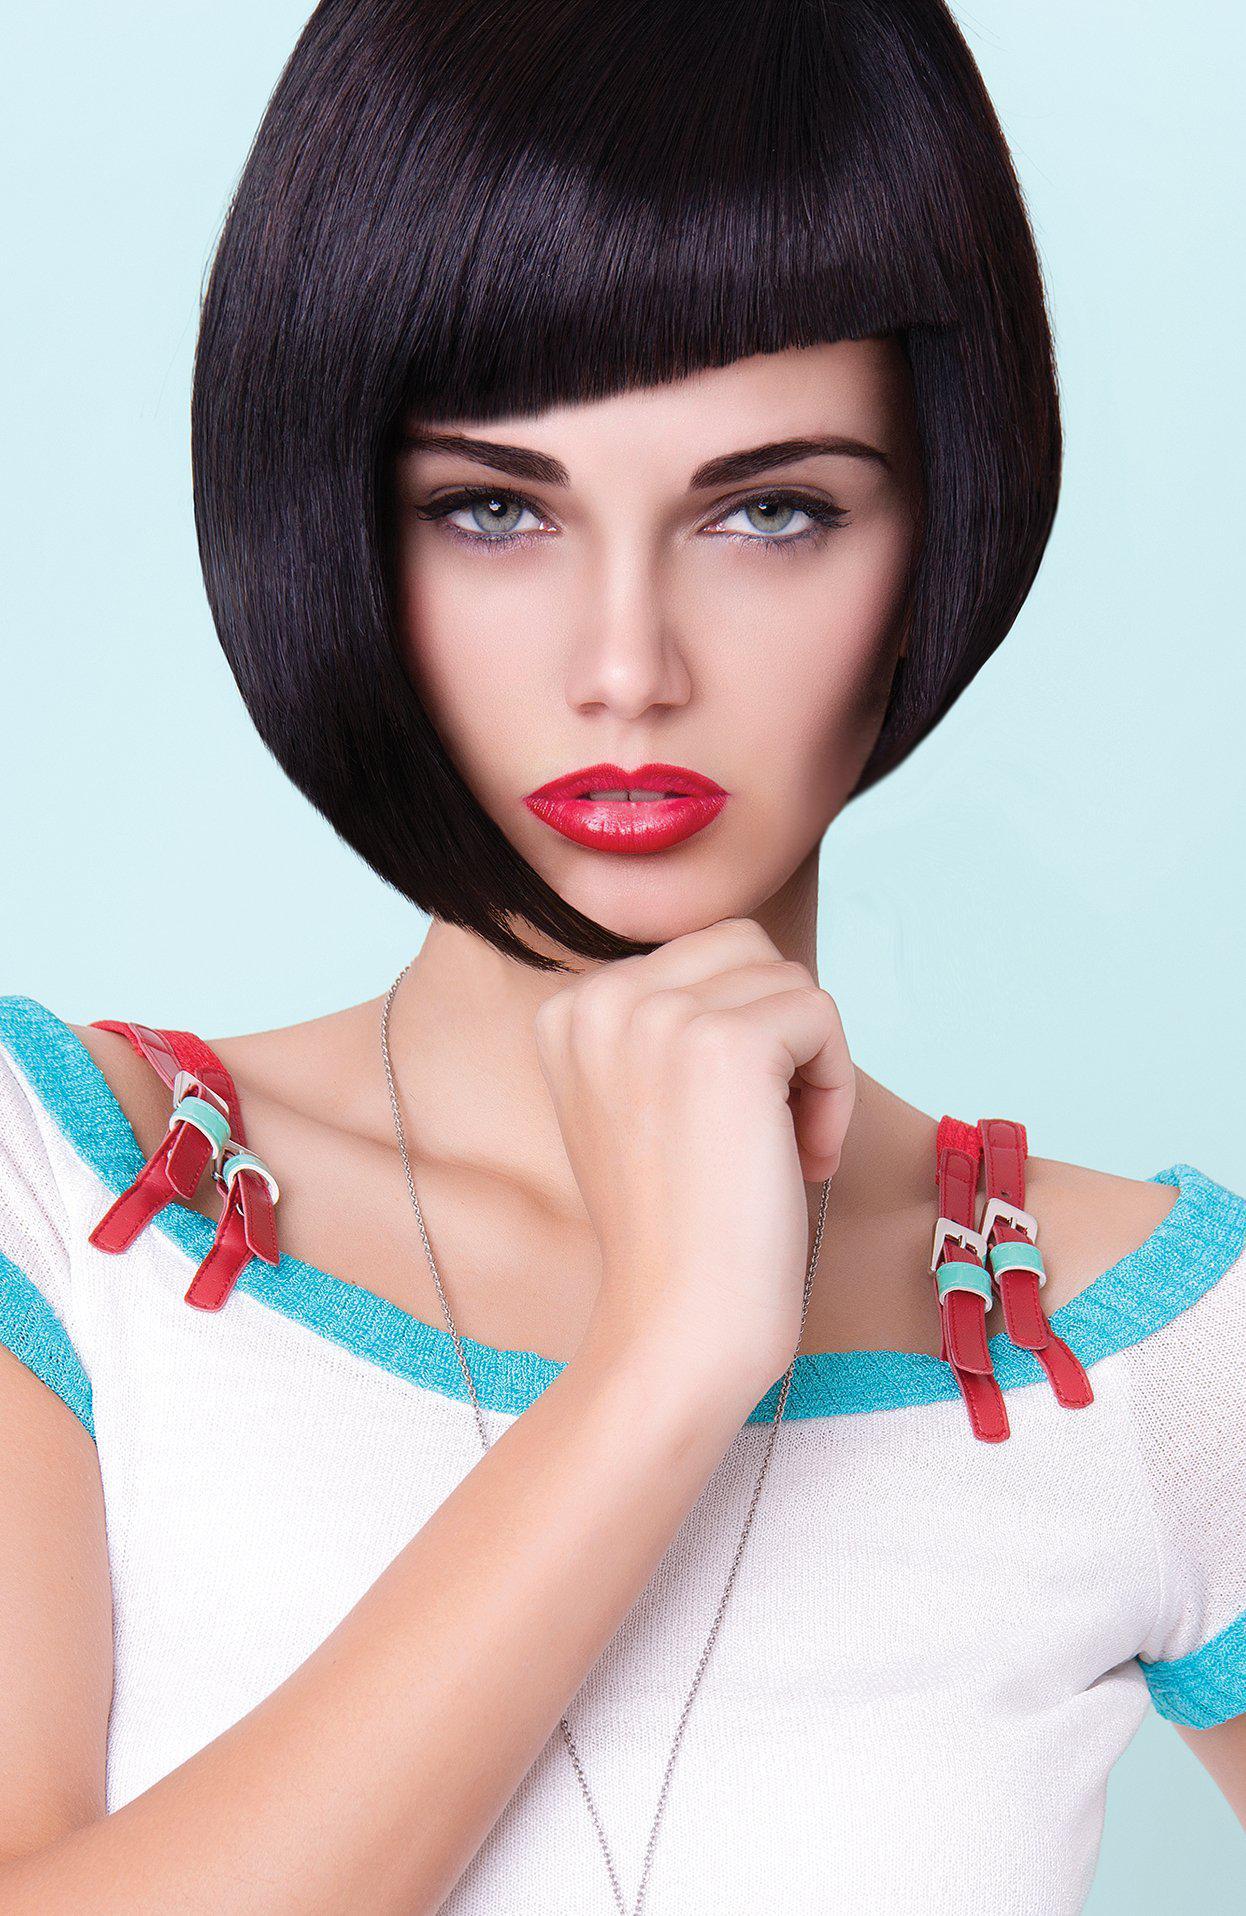 Женские стрижки, которые будут модными в 2018 году